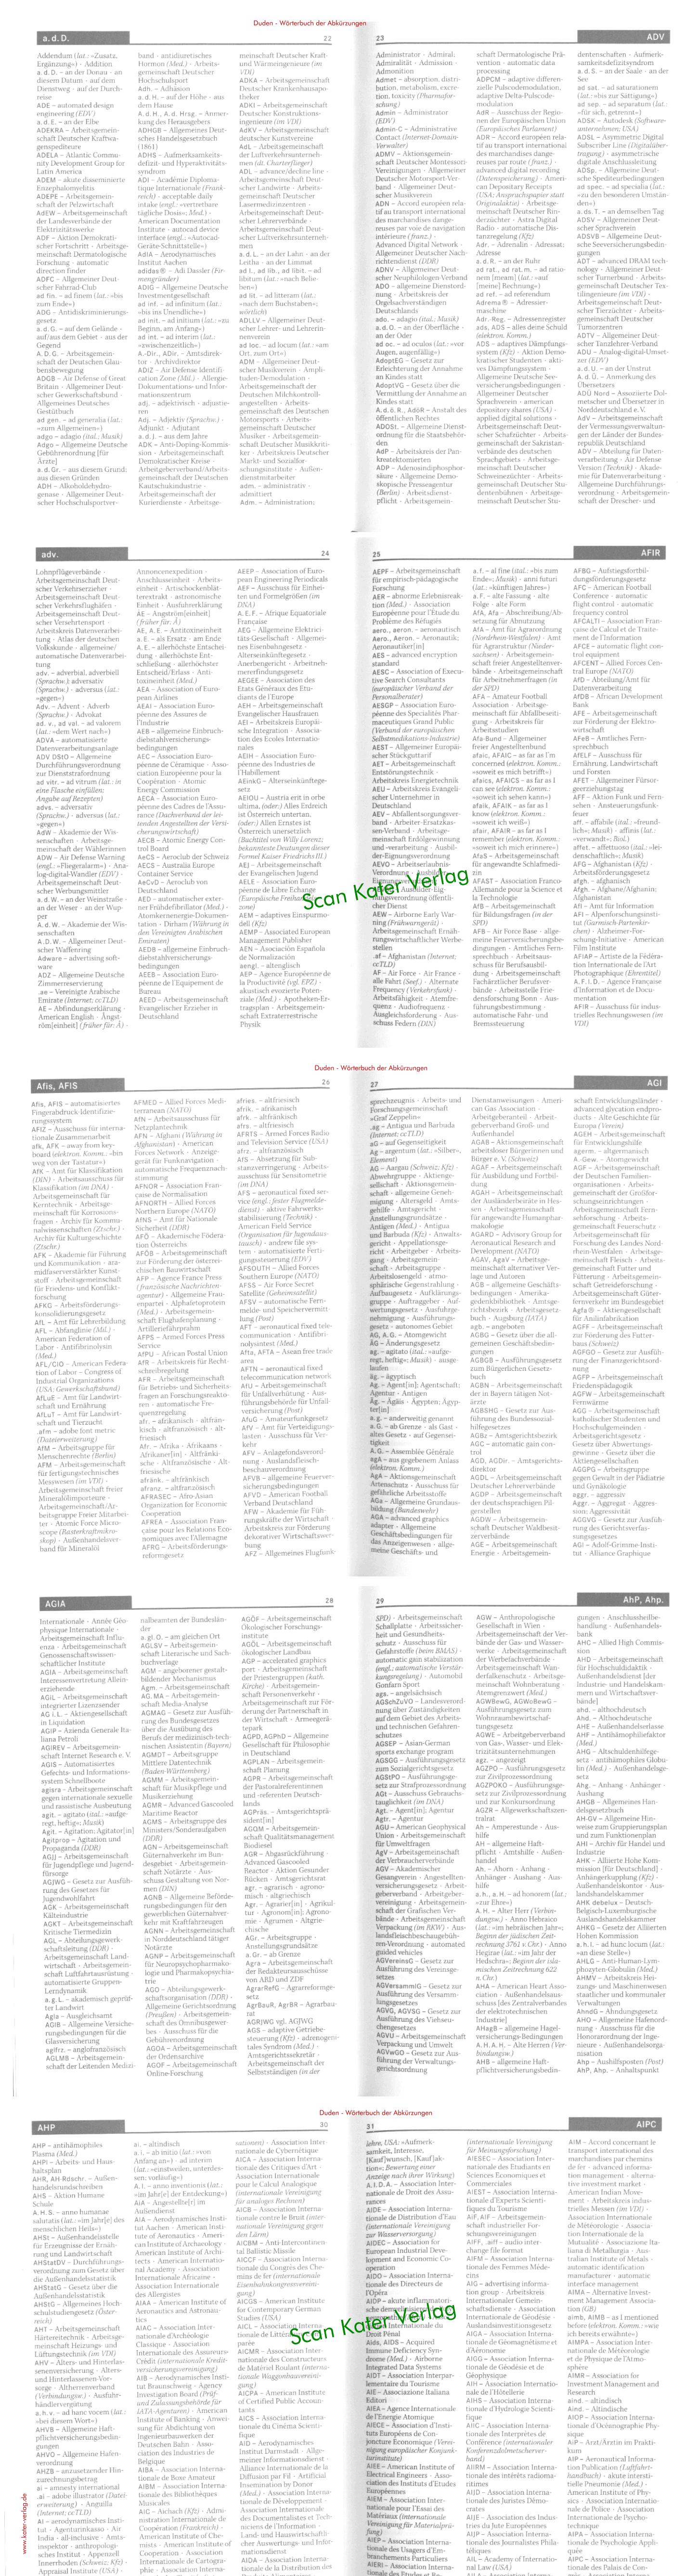 Das Wörterbuch der Abkürzungen DE